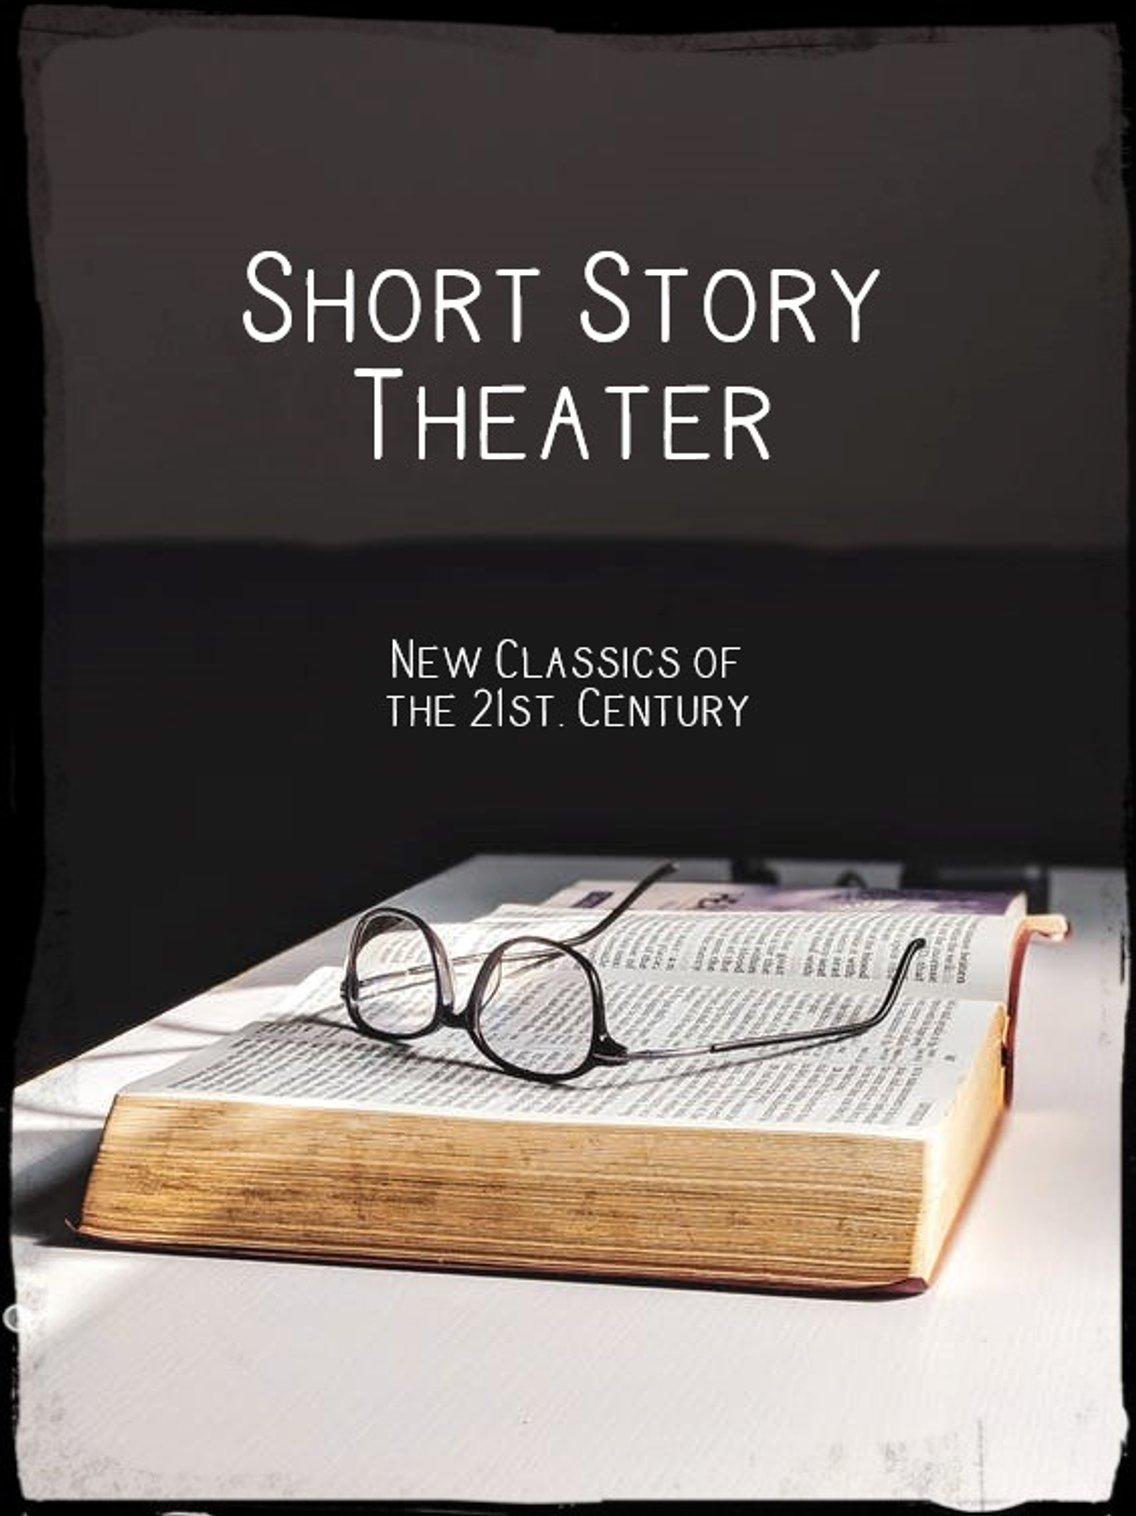 Short Story Theater - immagine di copertina